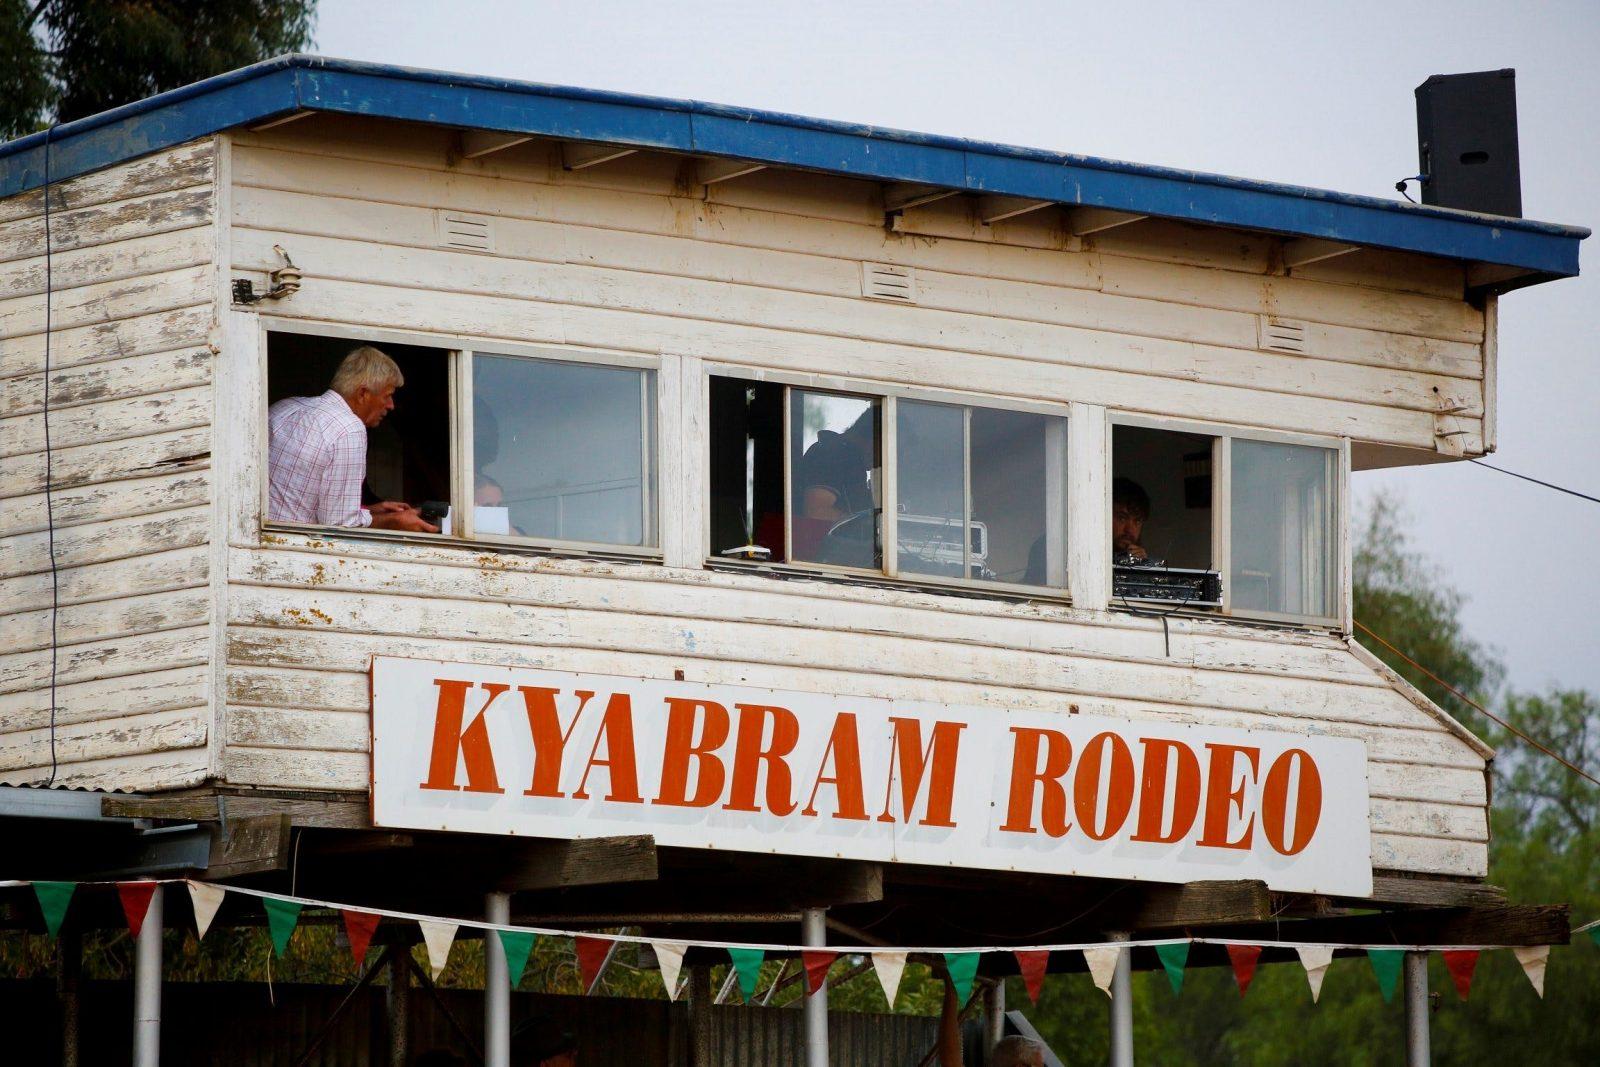 Kyabram Rodeo